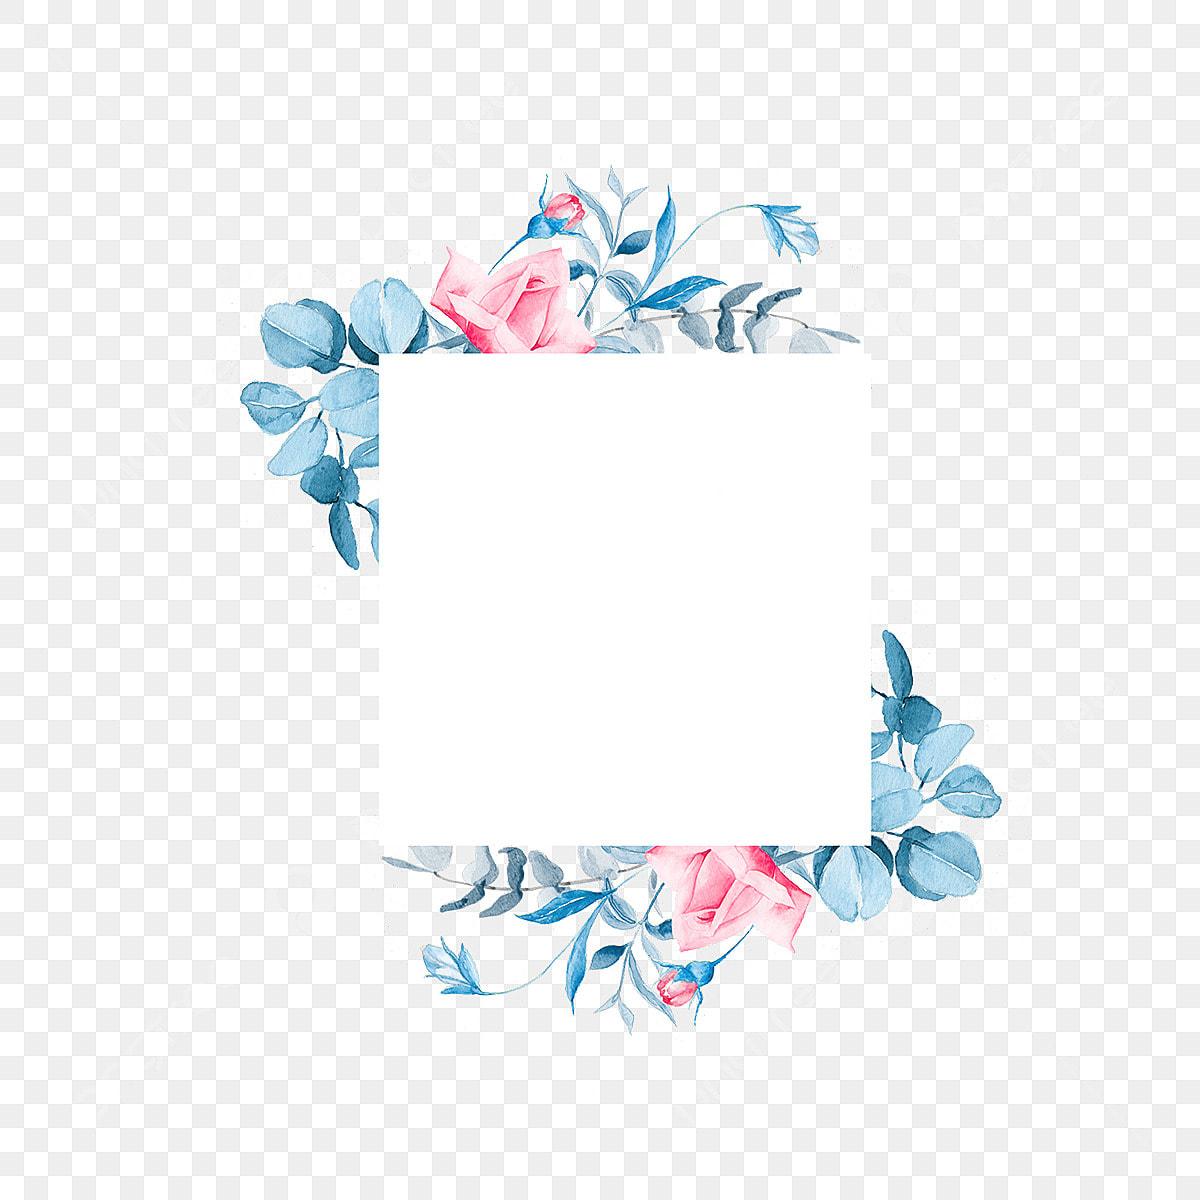 ورد ازرق Png الصور ناقل و Psd الملفات تحميل مجاني على Pngtree